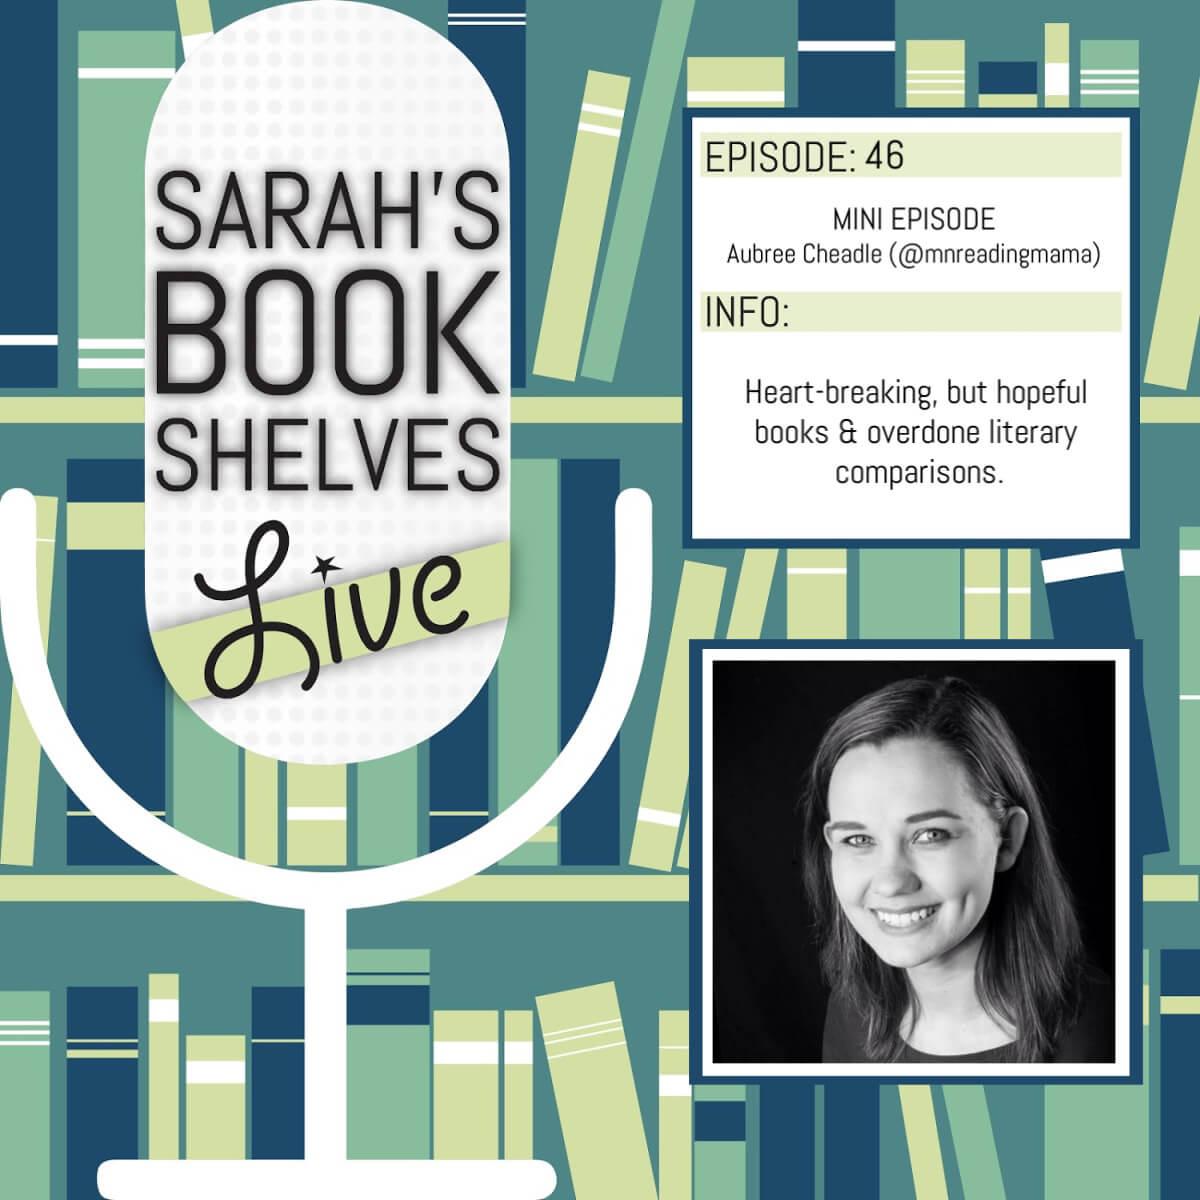 heart-breaking but hopeful books